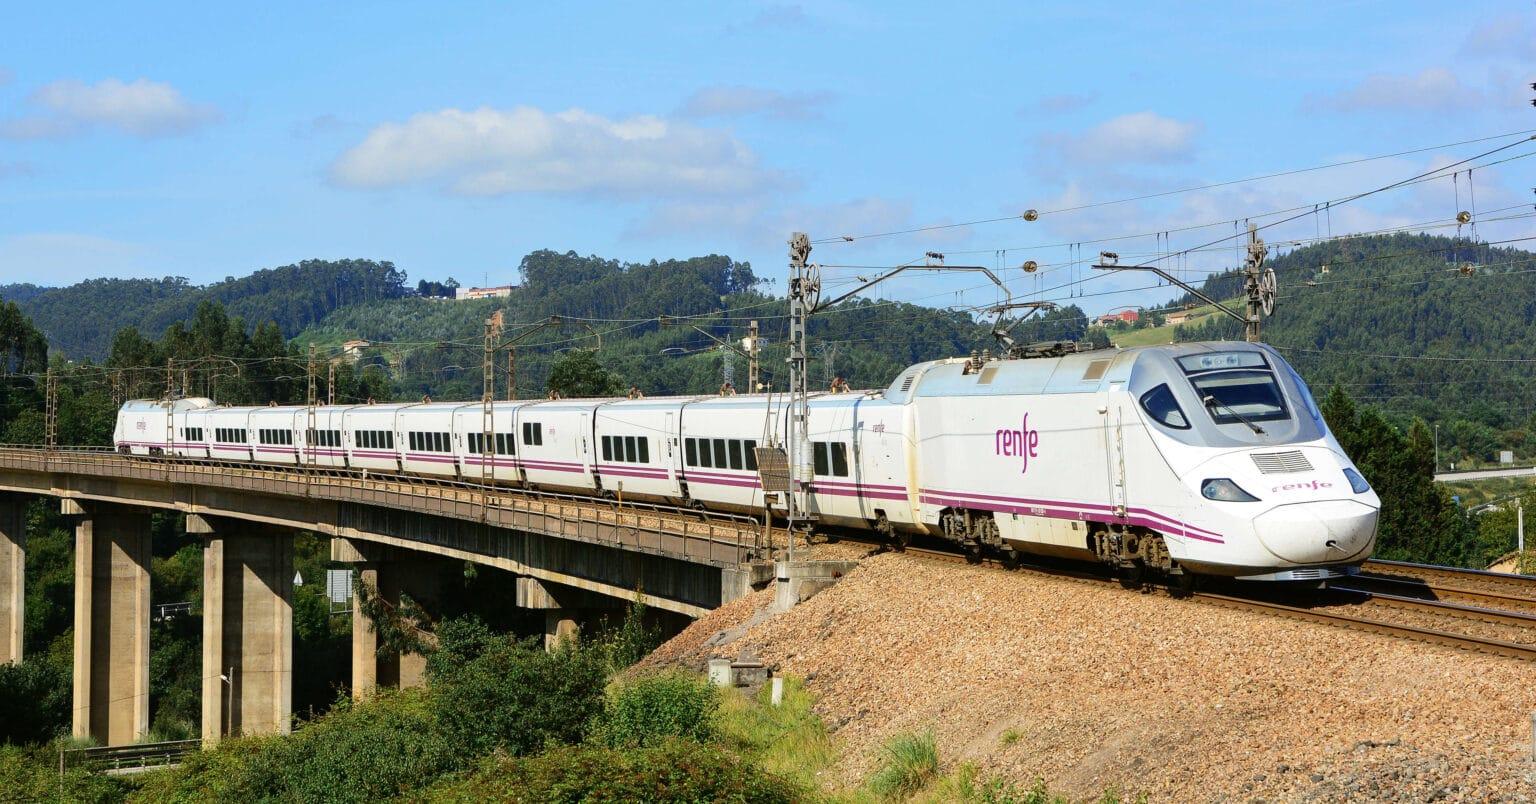 Renfe reformará los trenes de las series 130 y 730 para mejorar su confort y ofrecer WiFi a bordo.